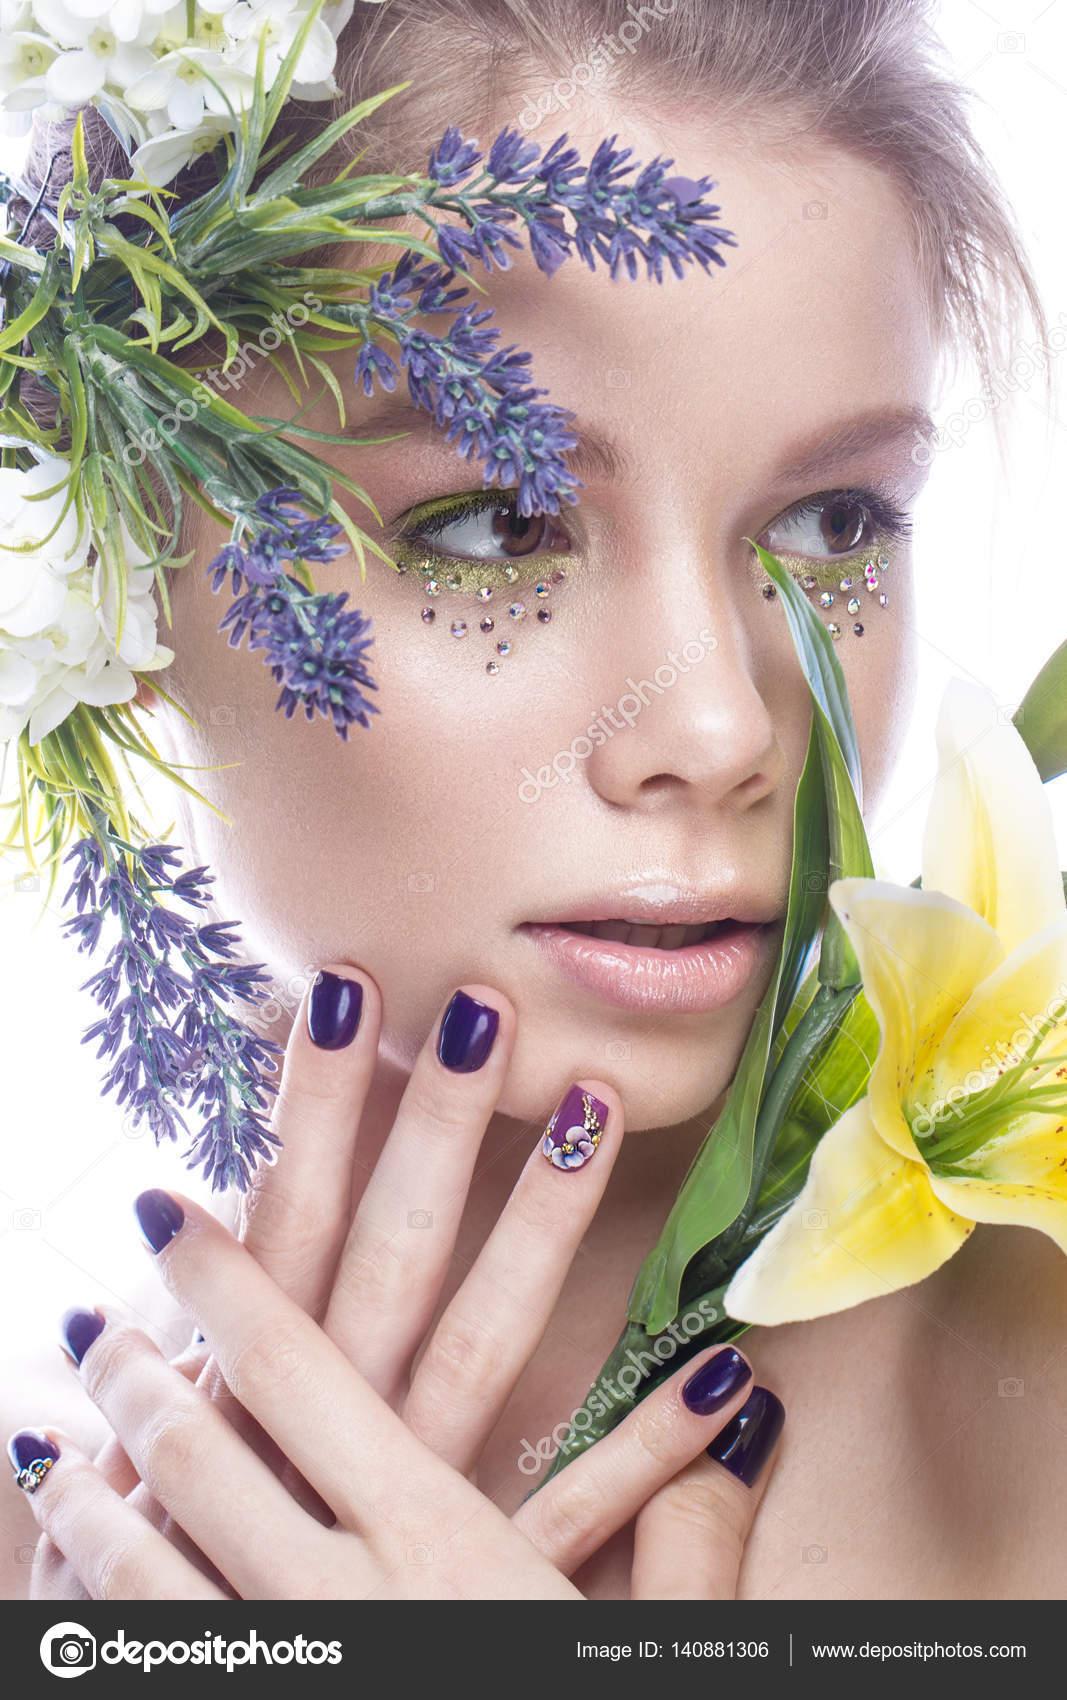 Schönes Mädchen mit Make-up Kunst, Blumen und Design Nägel Maniküre ...